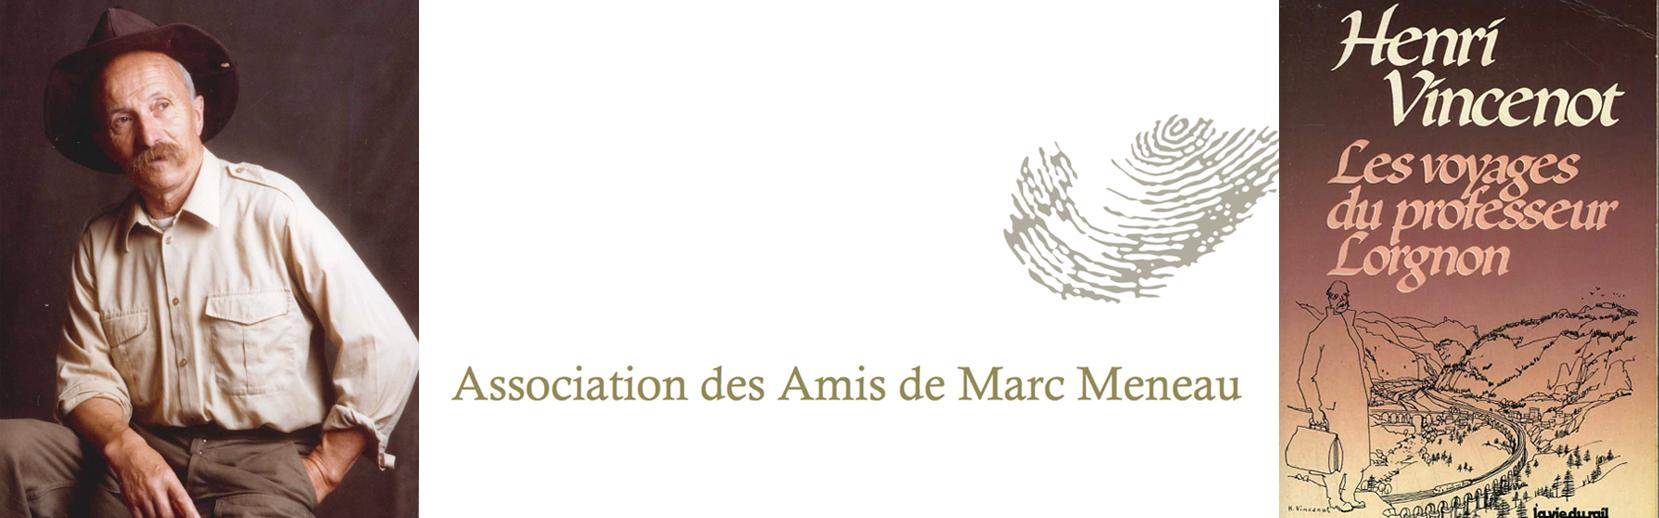 Soirée Henri Vincenot avec l'Associations des Amis de Marc Meneau